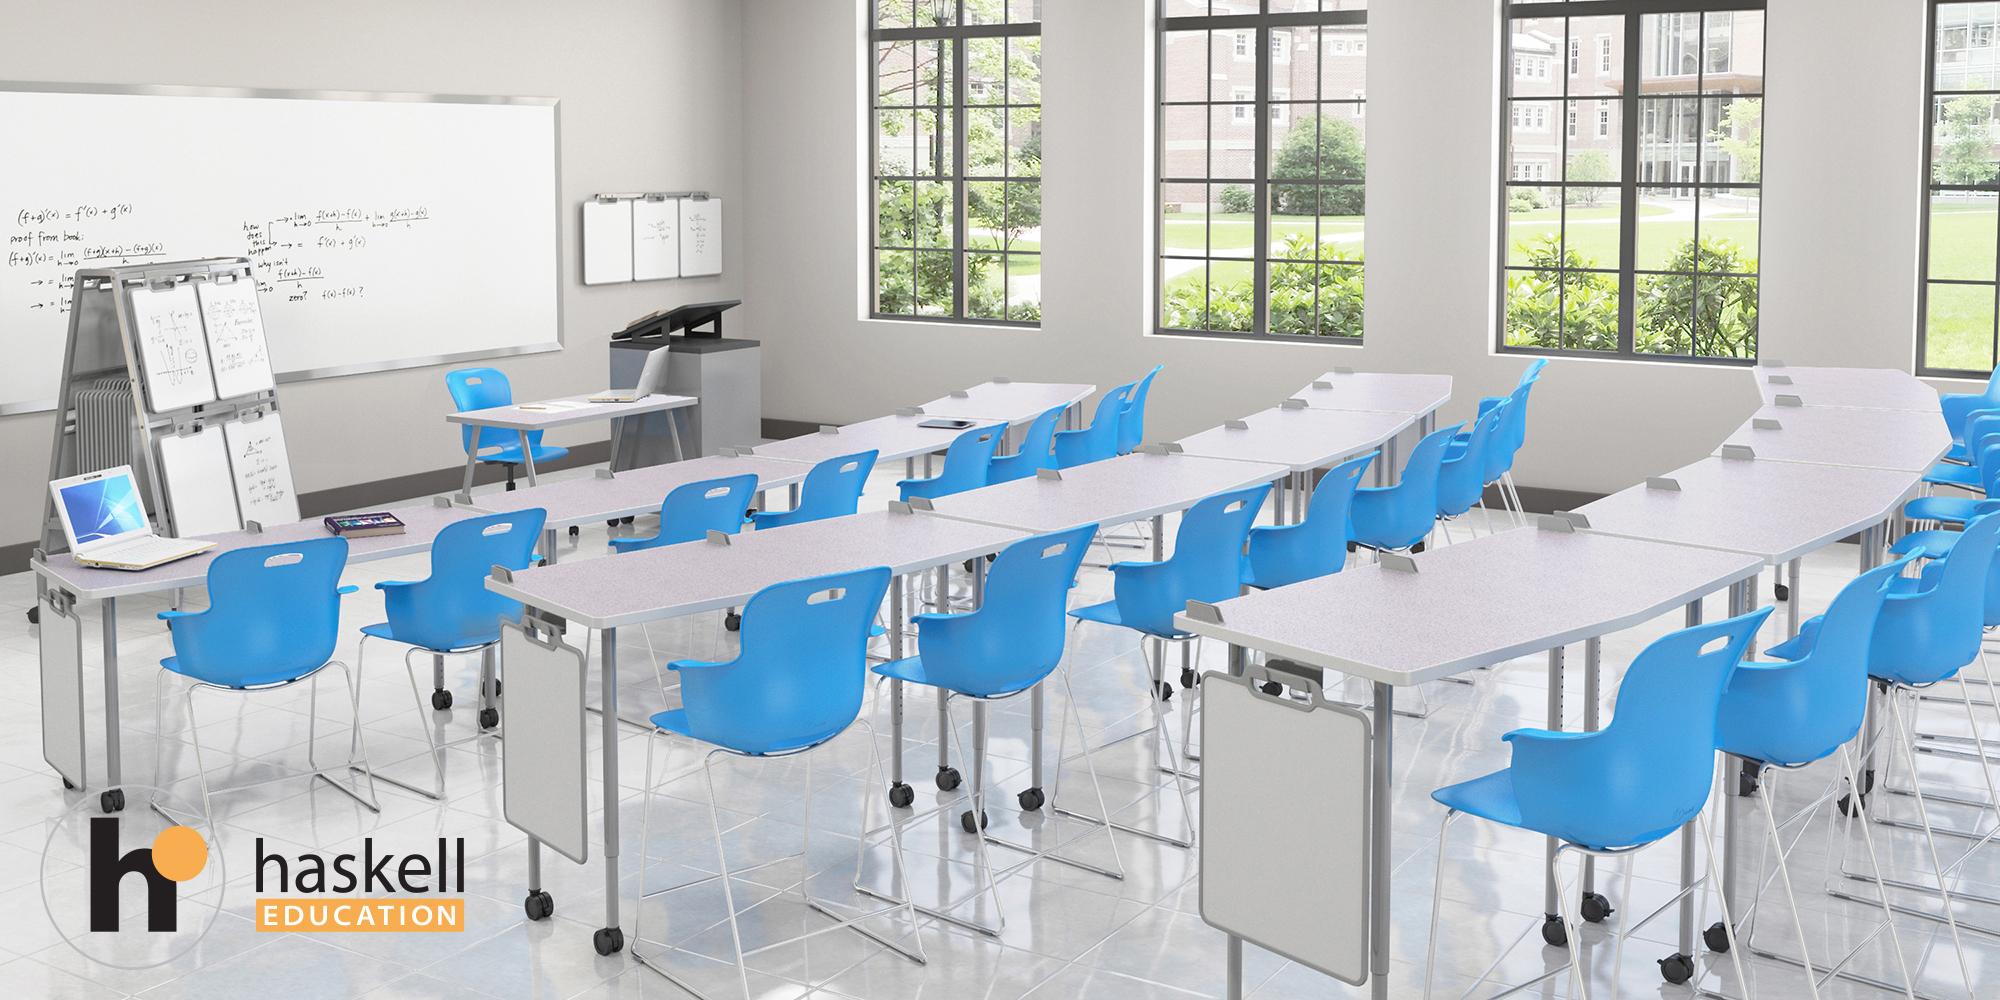 Stadium Seating Classroom SLED AngleShot GREY GLACE